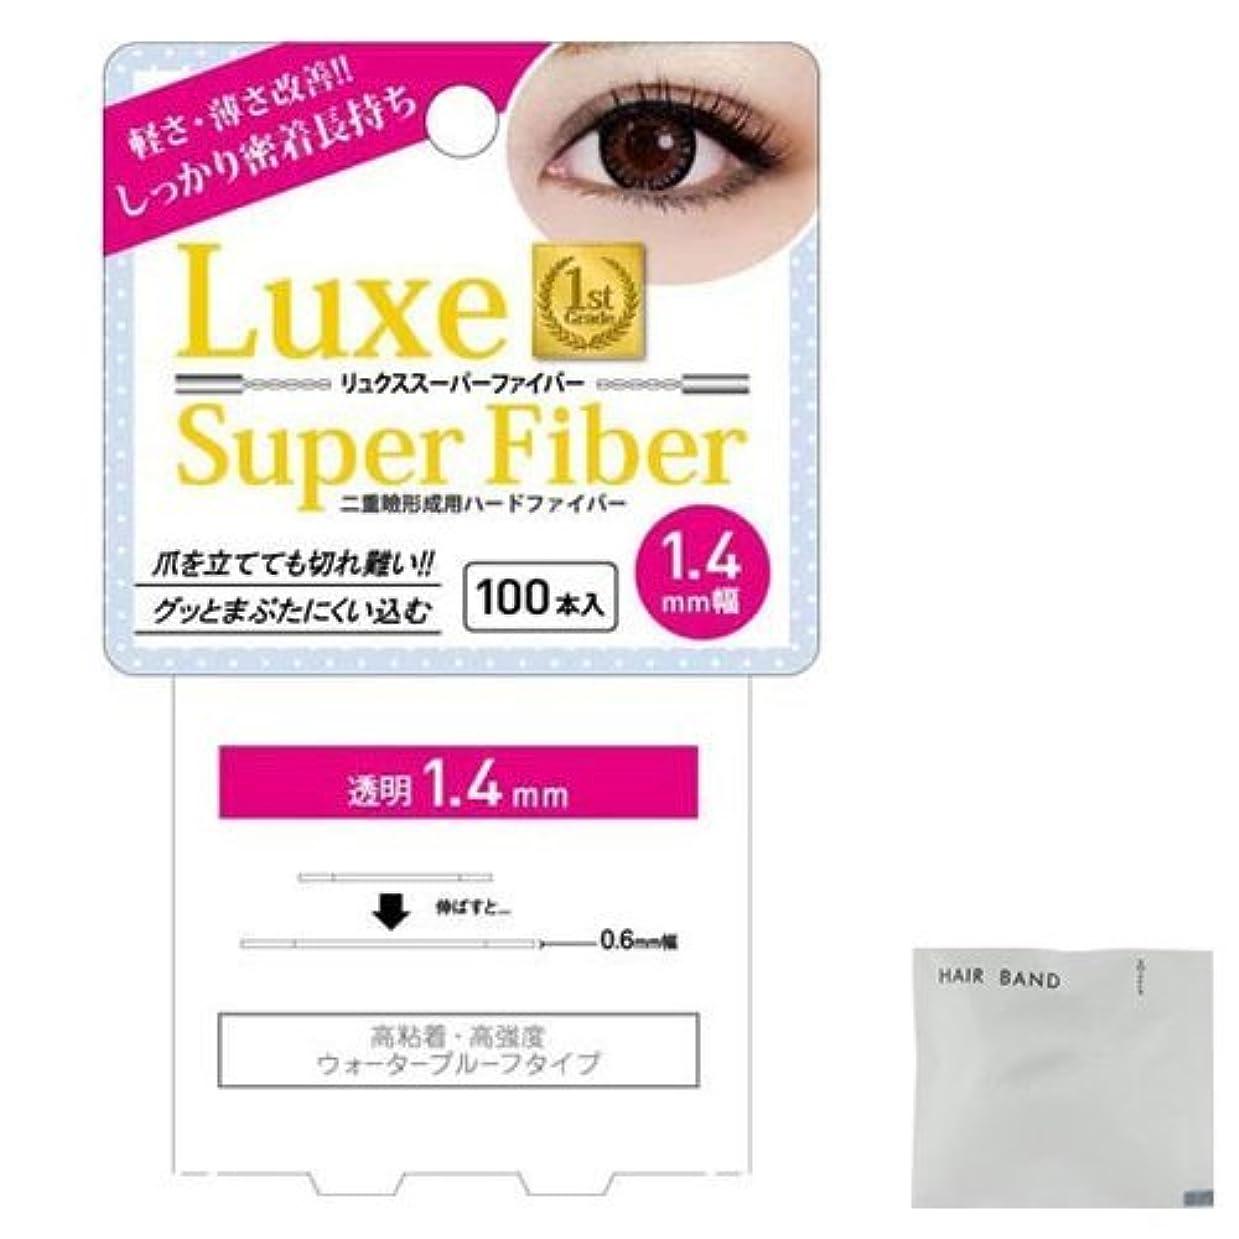 スナック統計的知らせるLuxe スーパーファイバーⅡ (Super Fiber) クリア1.4mm + ヘアゴム(カラーはおまかせ)セット